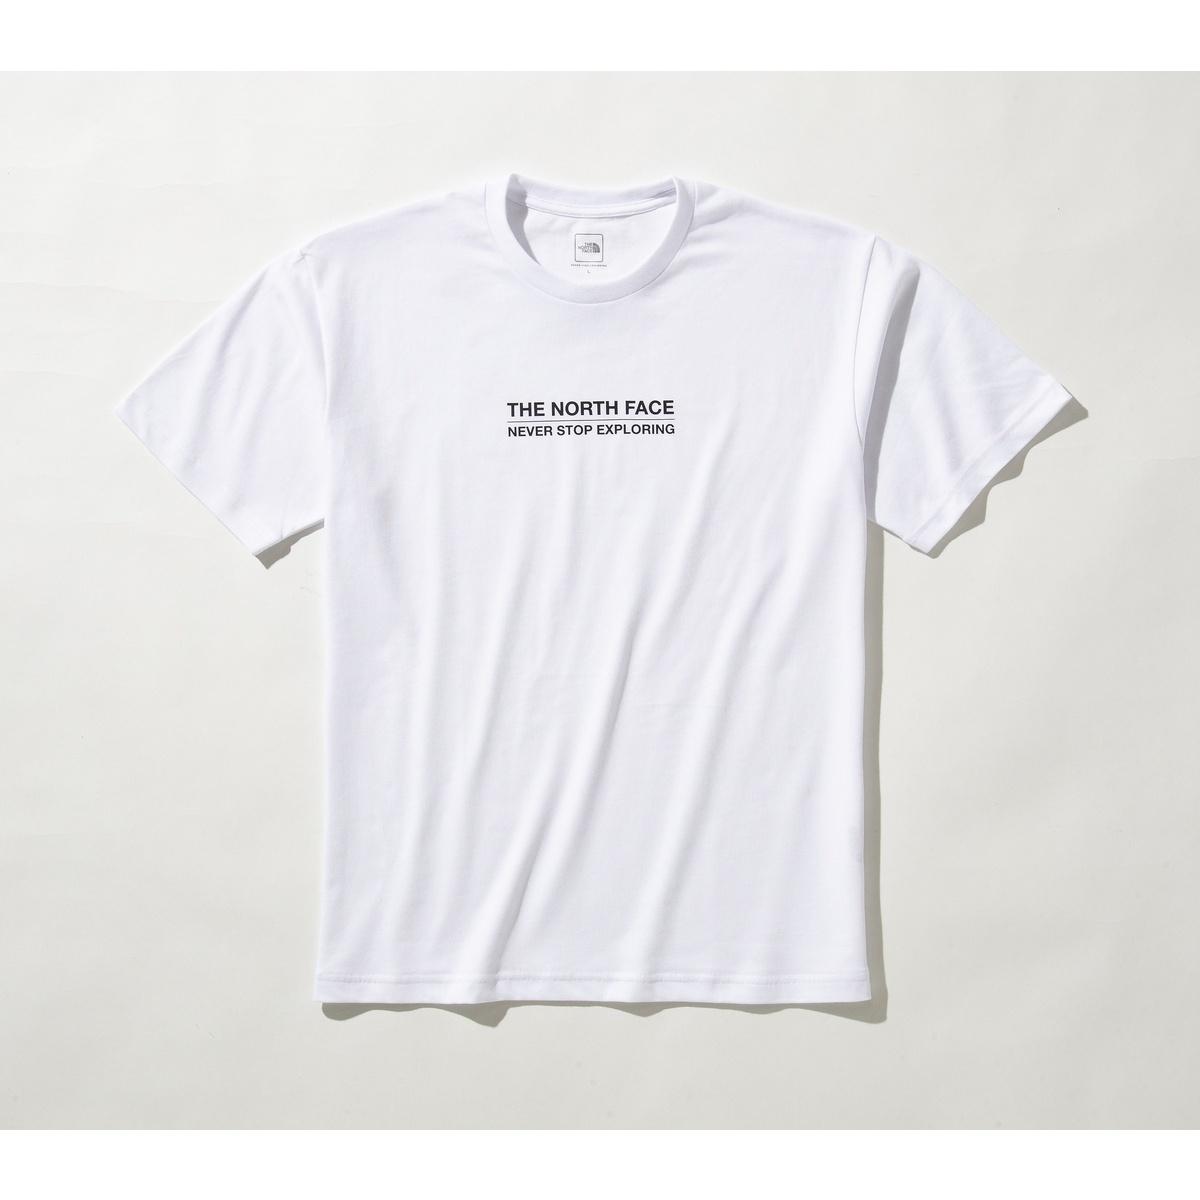 ノースフェイス トレッキング アウトドア 半袖Tシャツ スポーツオーソリティ限定商品 S MESSAGE LOGO TEE W THE メッセージロゴティー ショートスリーブ 半袖Tシャツ 発売モデル 祝日 NT321001A NORTH メンズ FACE